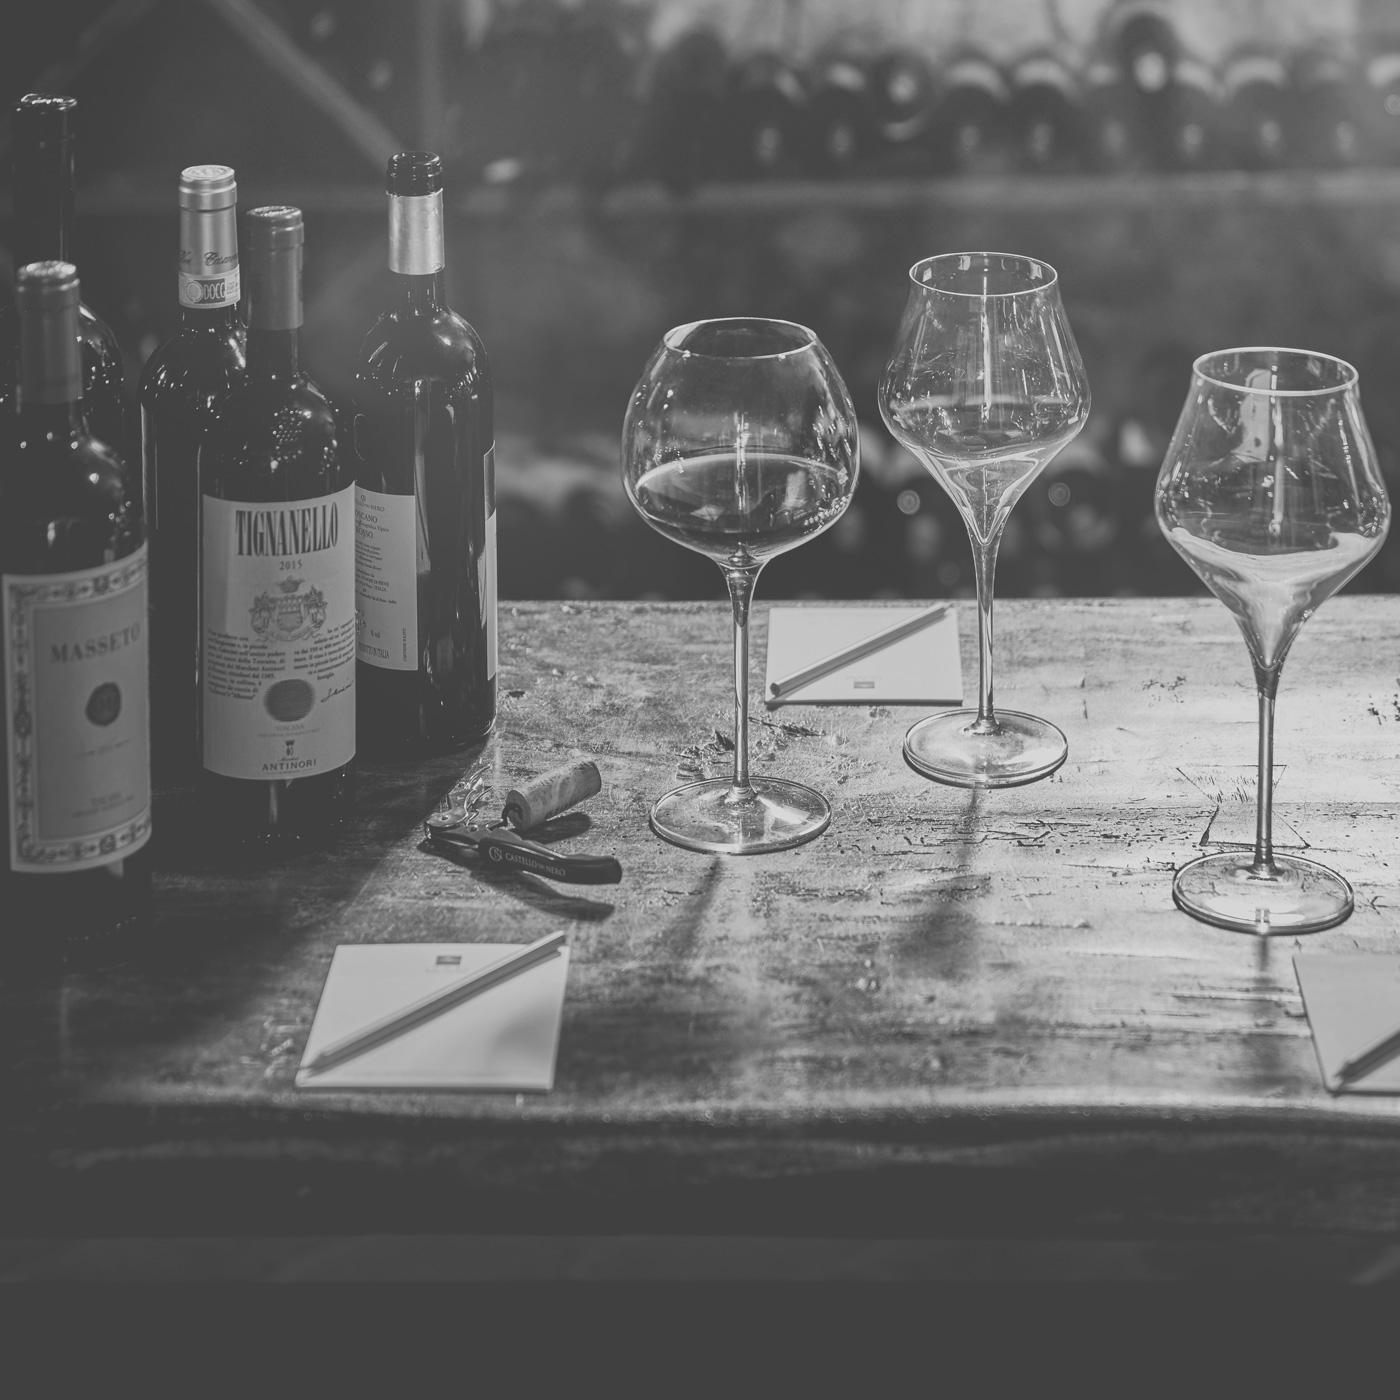 Weingläser und Weinflaschen bei einer Weinverkostung